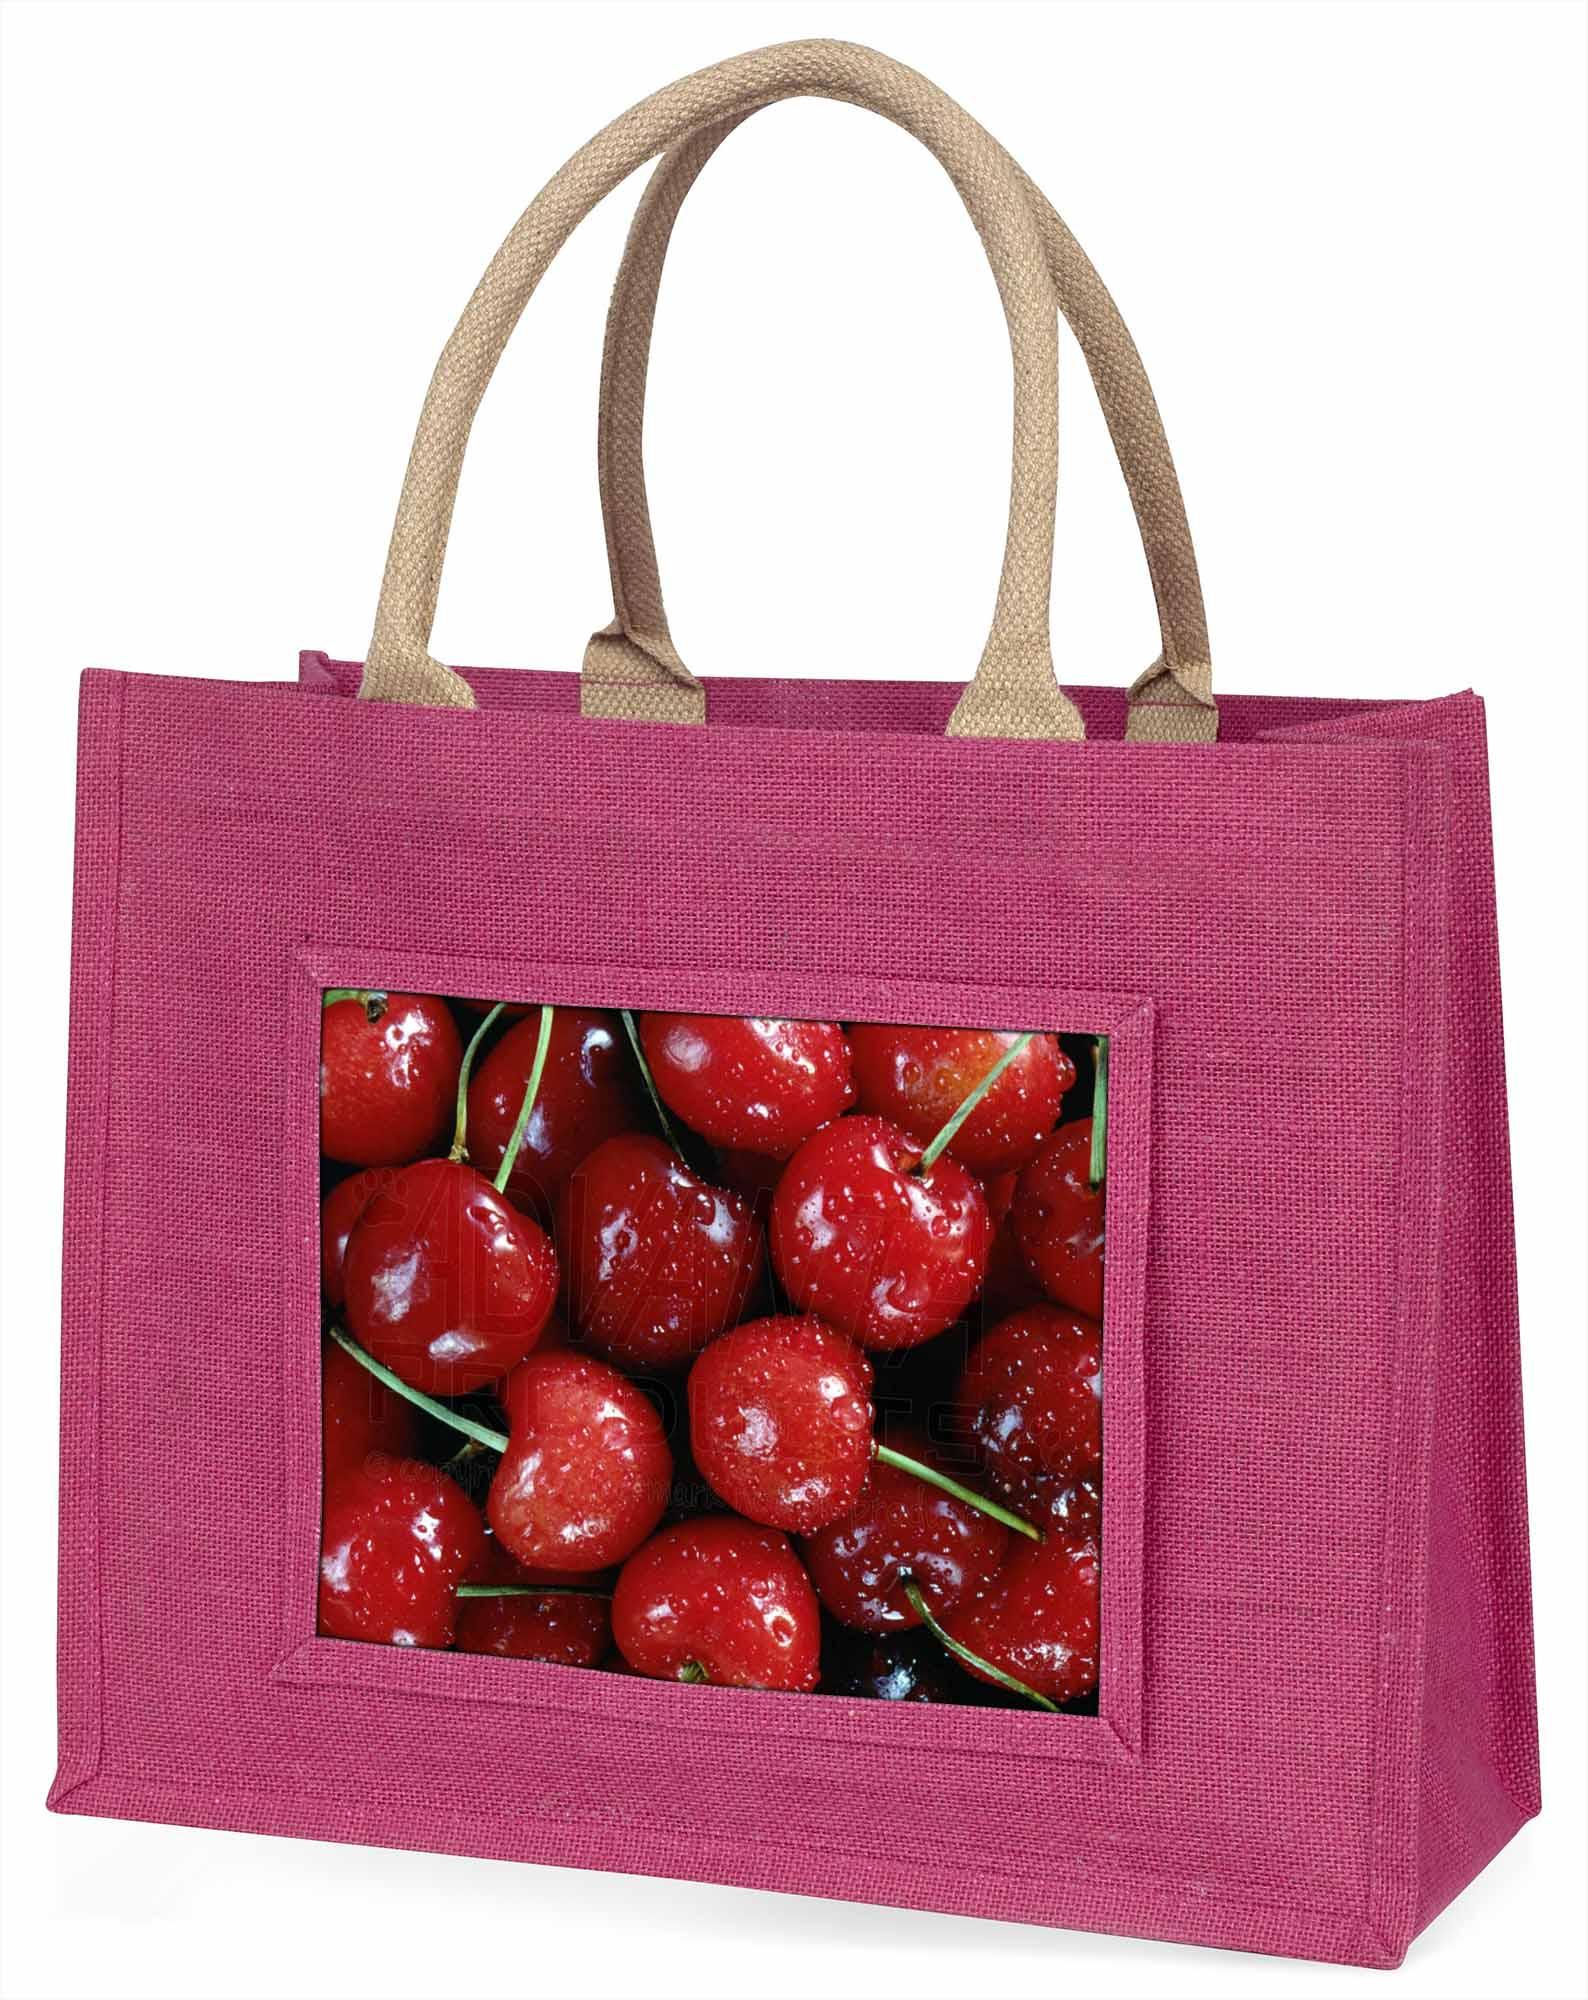 Rote Kirschen Drucken große rosa Einkaufstasche Weihnachten Geschenkidee,f-f3blp